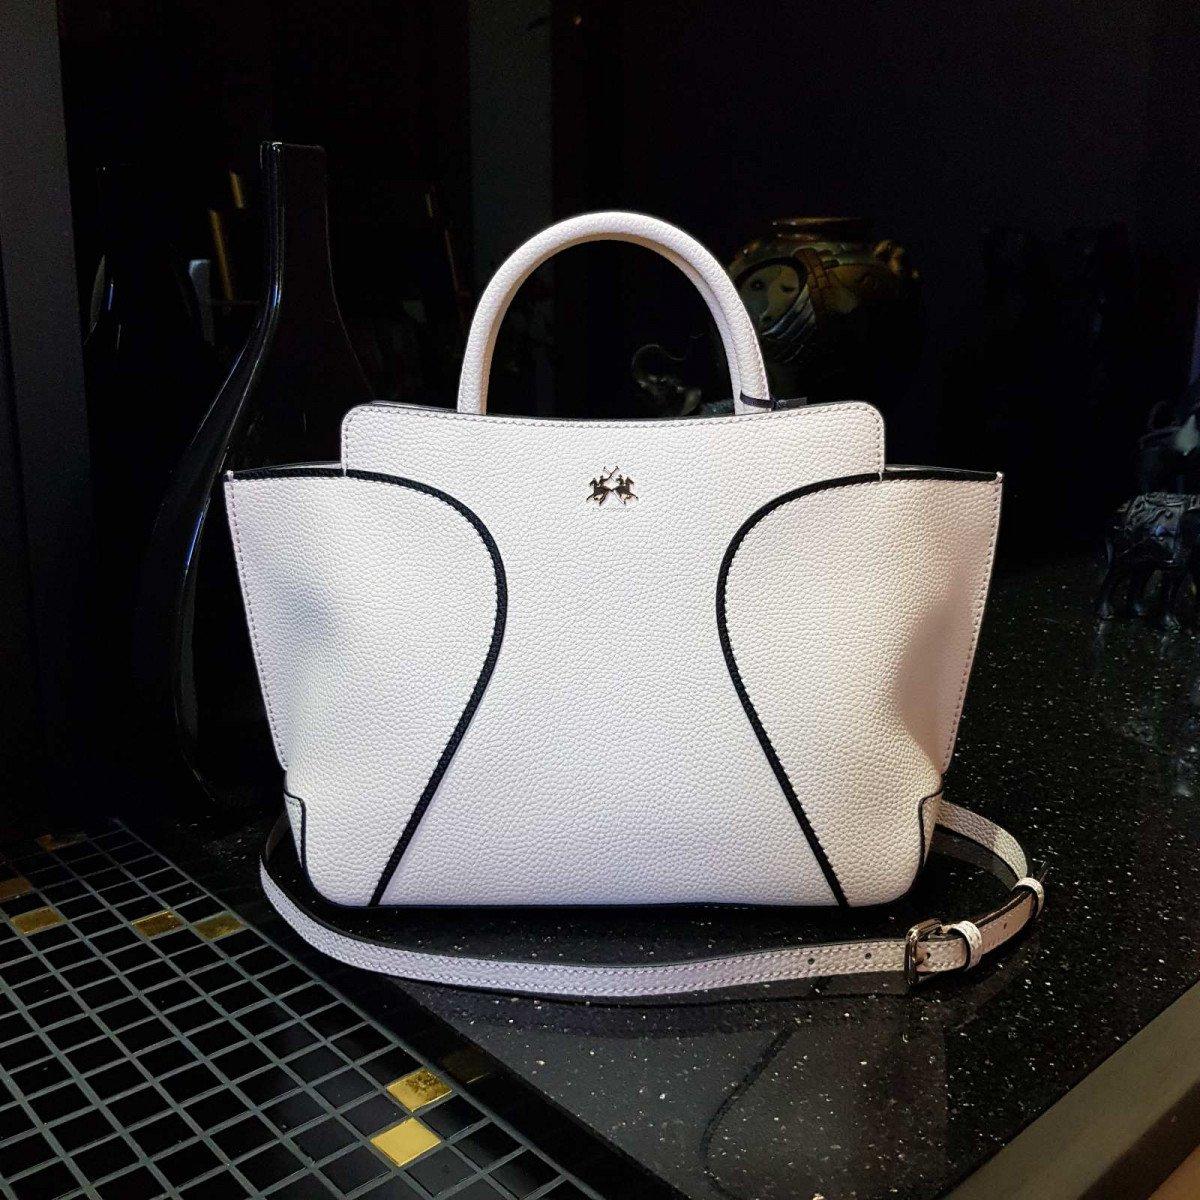 Кожаная женская сумка LA Martina 41W173 P0004 milk из натуральной кожи из натуральной кожи